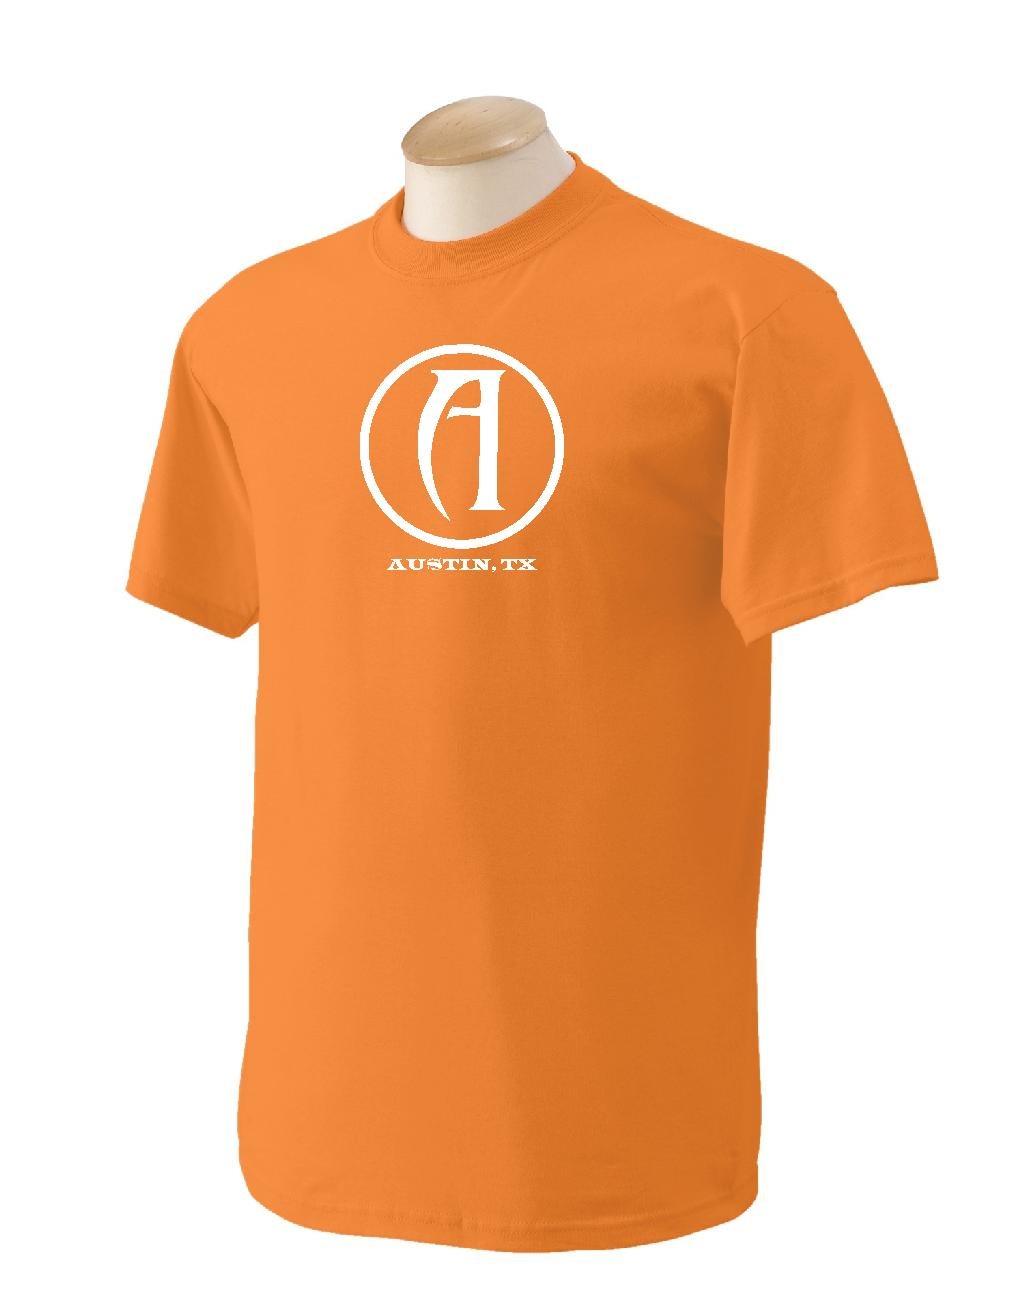 Austin Shirts